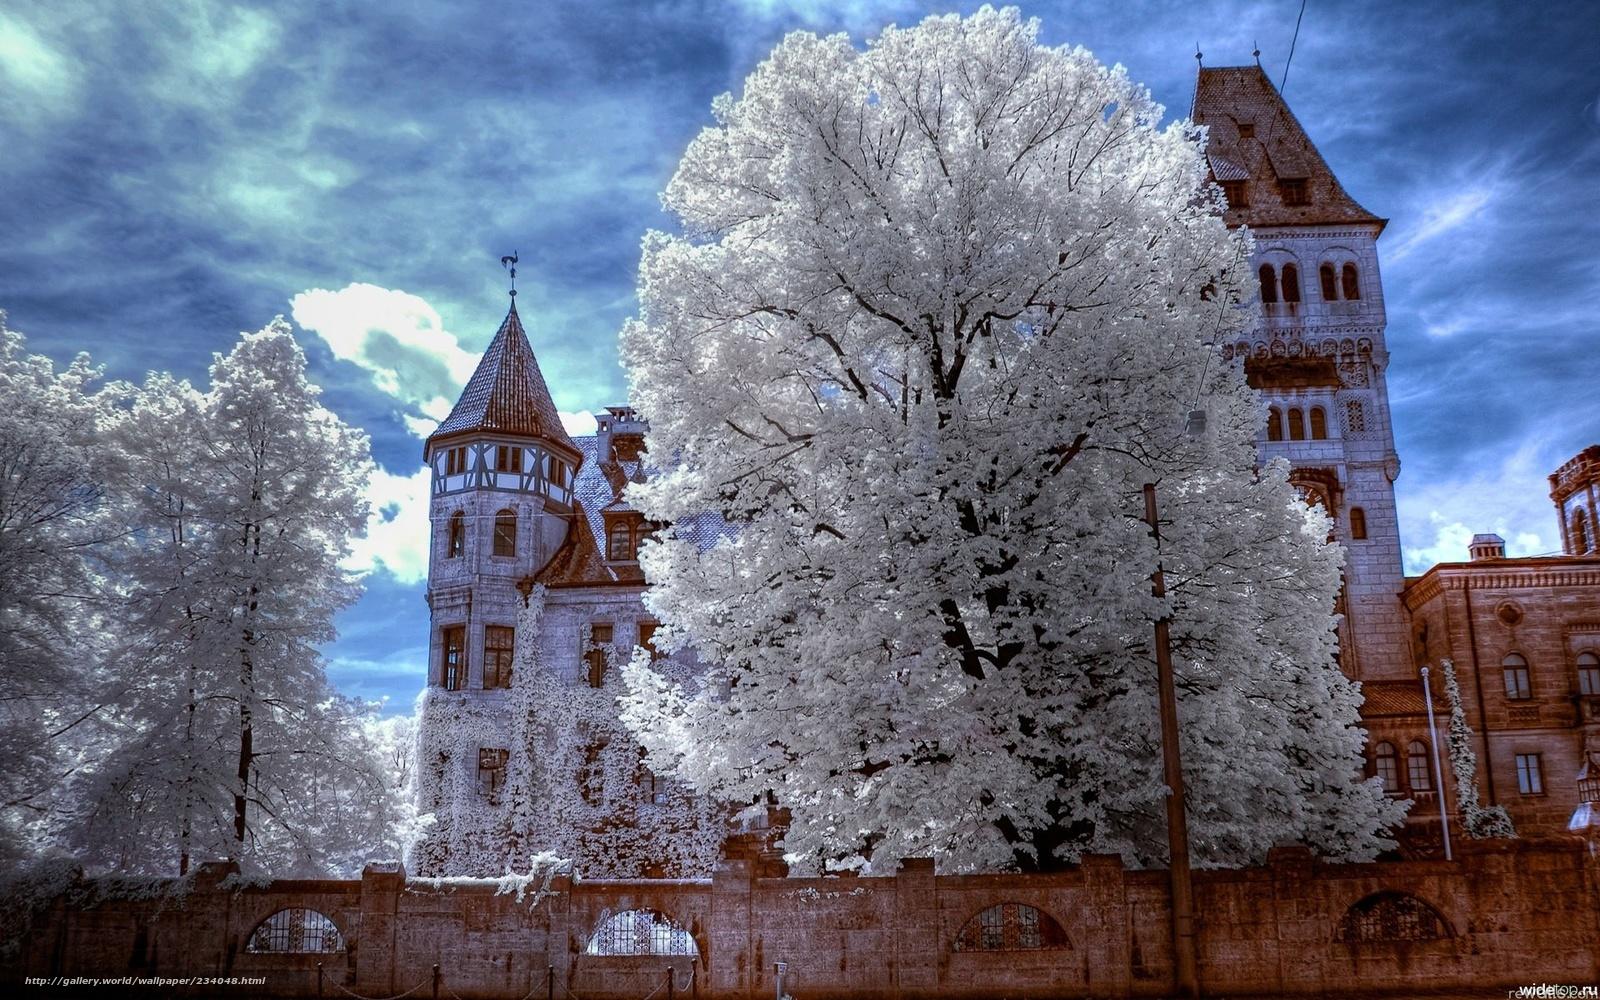 Скачать обои трансильвания,   замок дракулы,   зима,   иней бесплатно для рабочего стола в разрешении 1920x1200 — картинка №234048